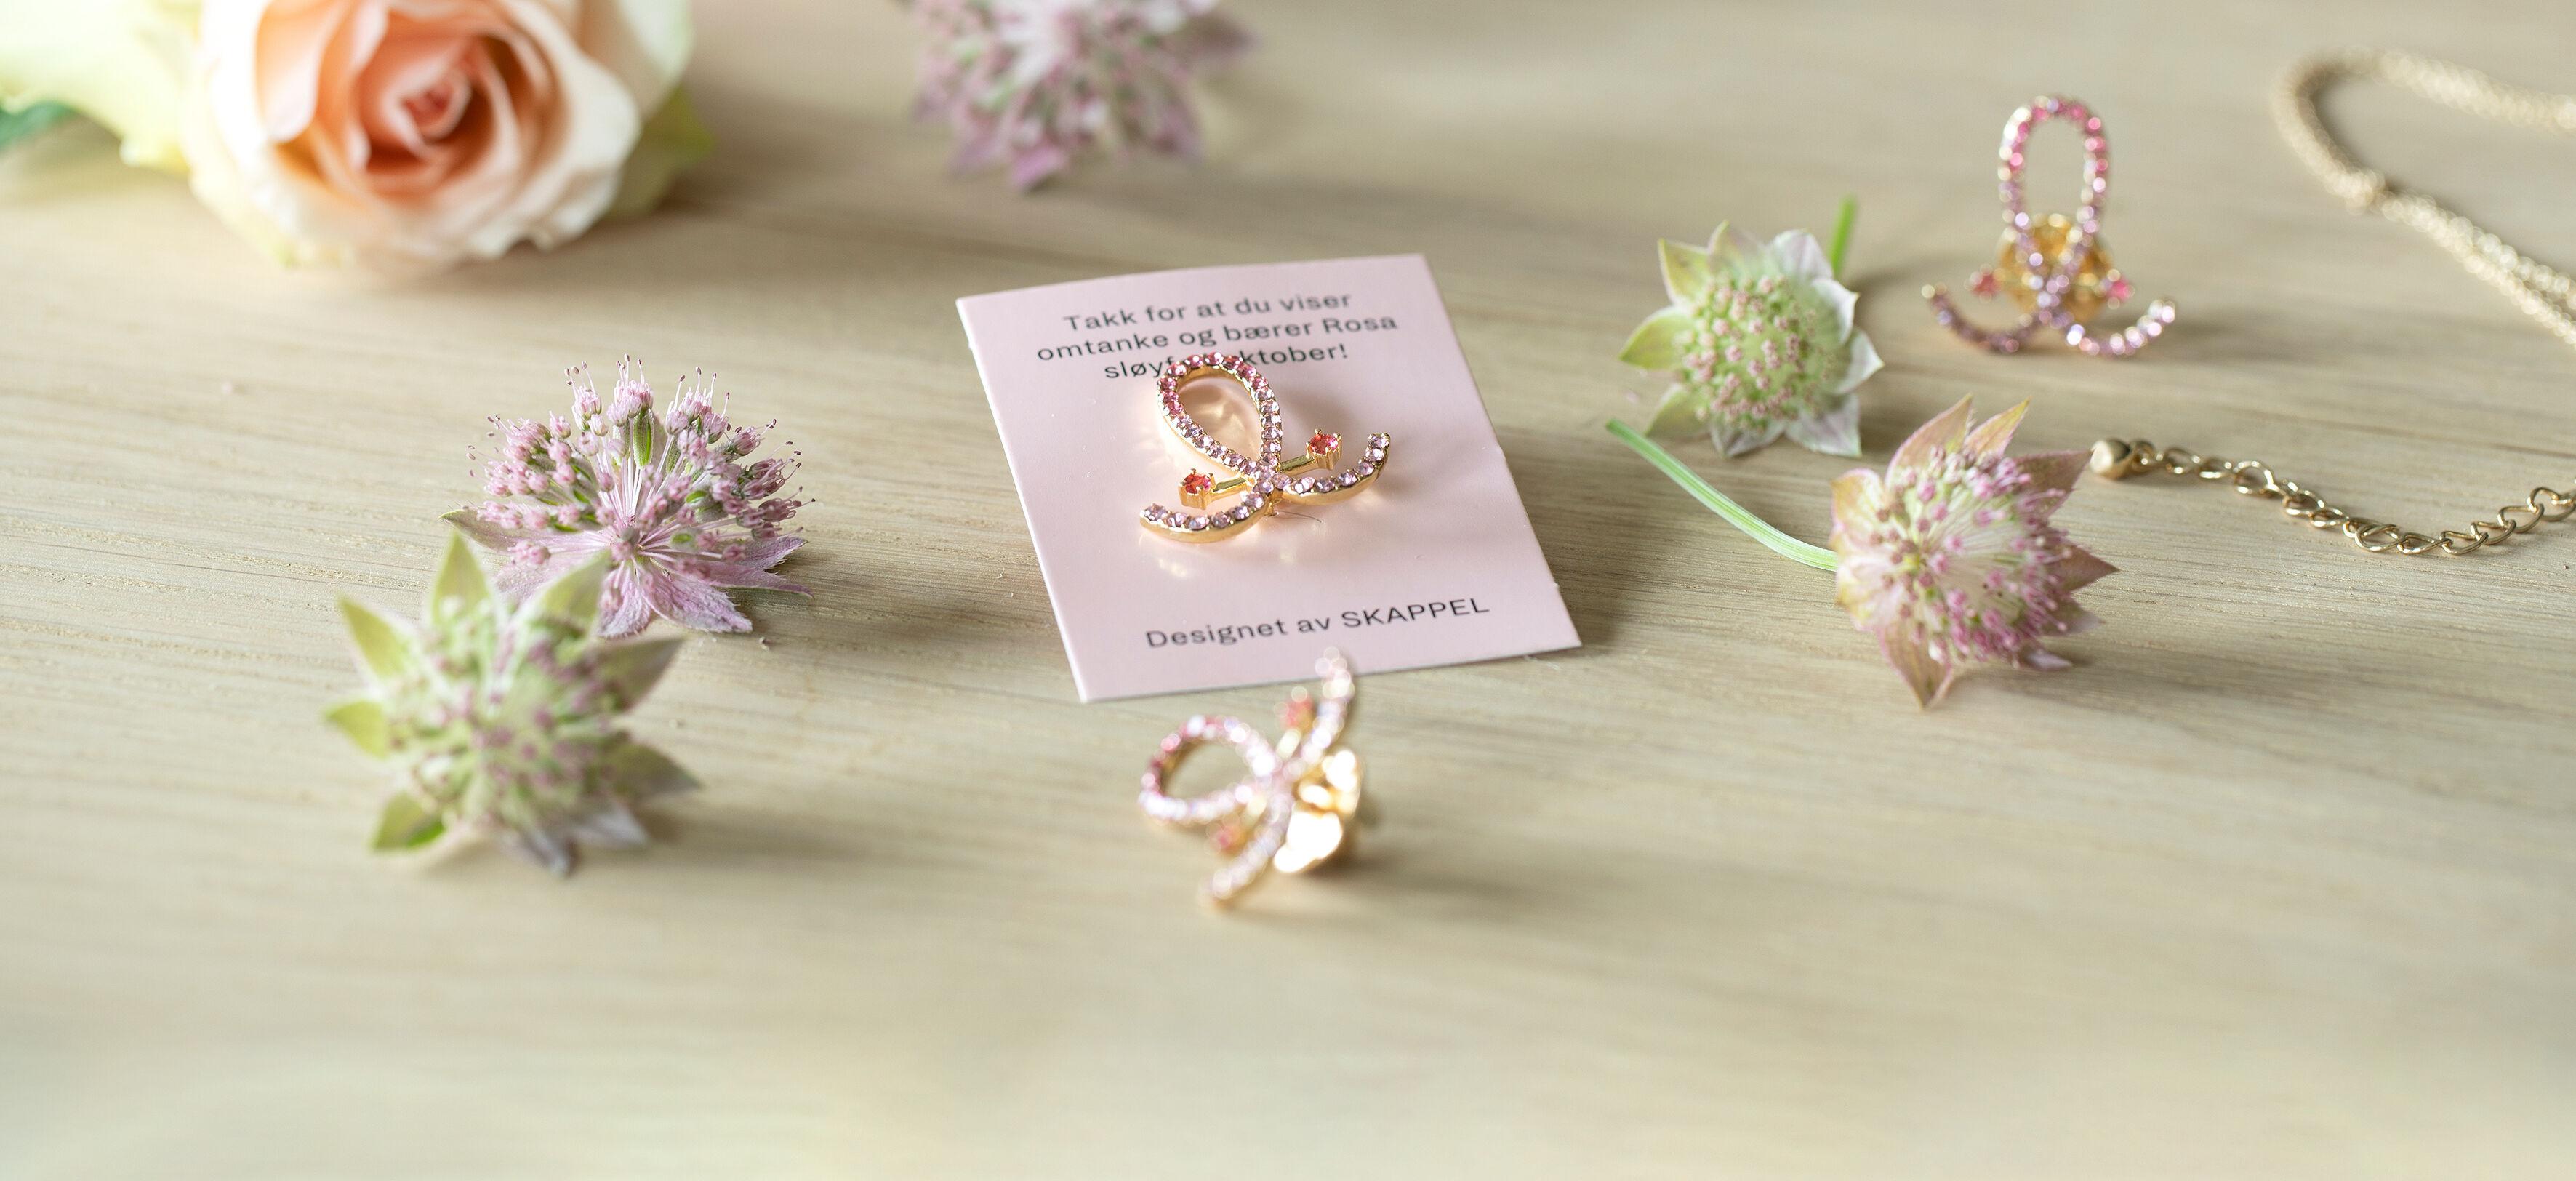 Dorthe og døtrene har designet årets Rosa sløyfe